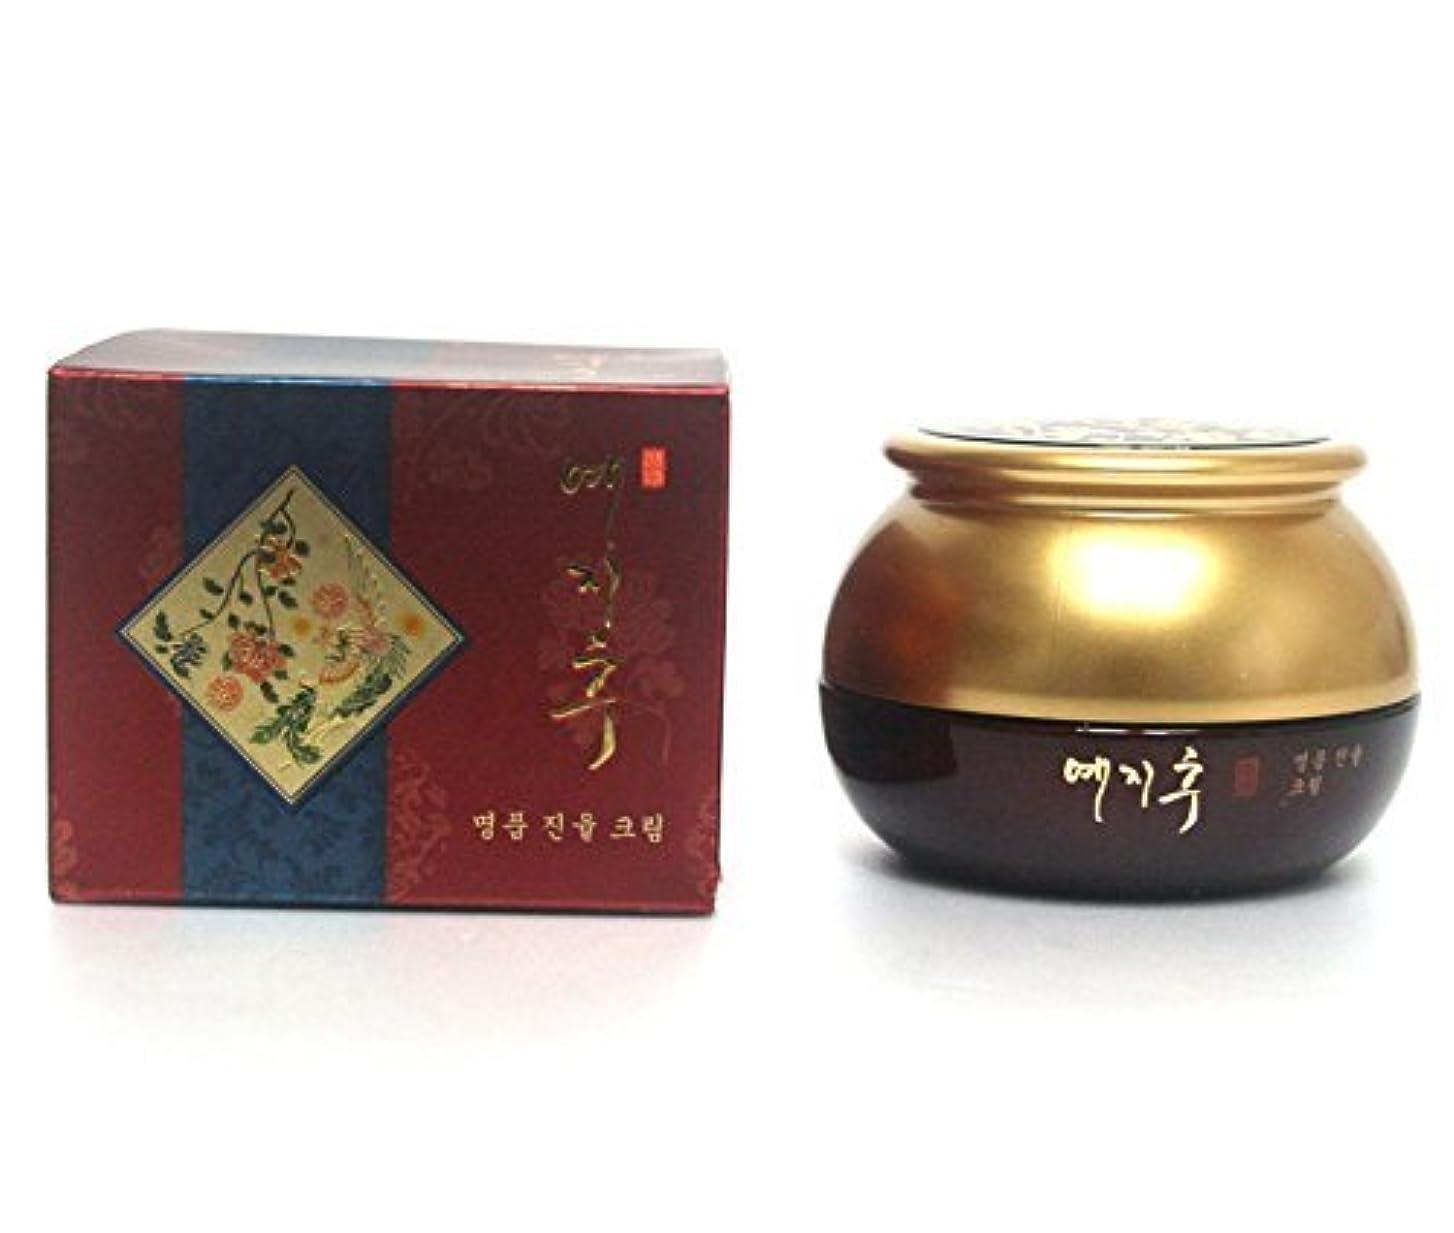 手入れレース冊子[YEZIHU] 紅参クリーム50g / ナチュラルオリエンタルハーブ / 韓国化粧品 / RED Ginseng Cream 50g / Natural Oriental Herbs / Korean Cosmetics [並行輸入品]